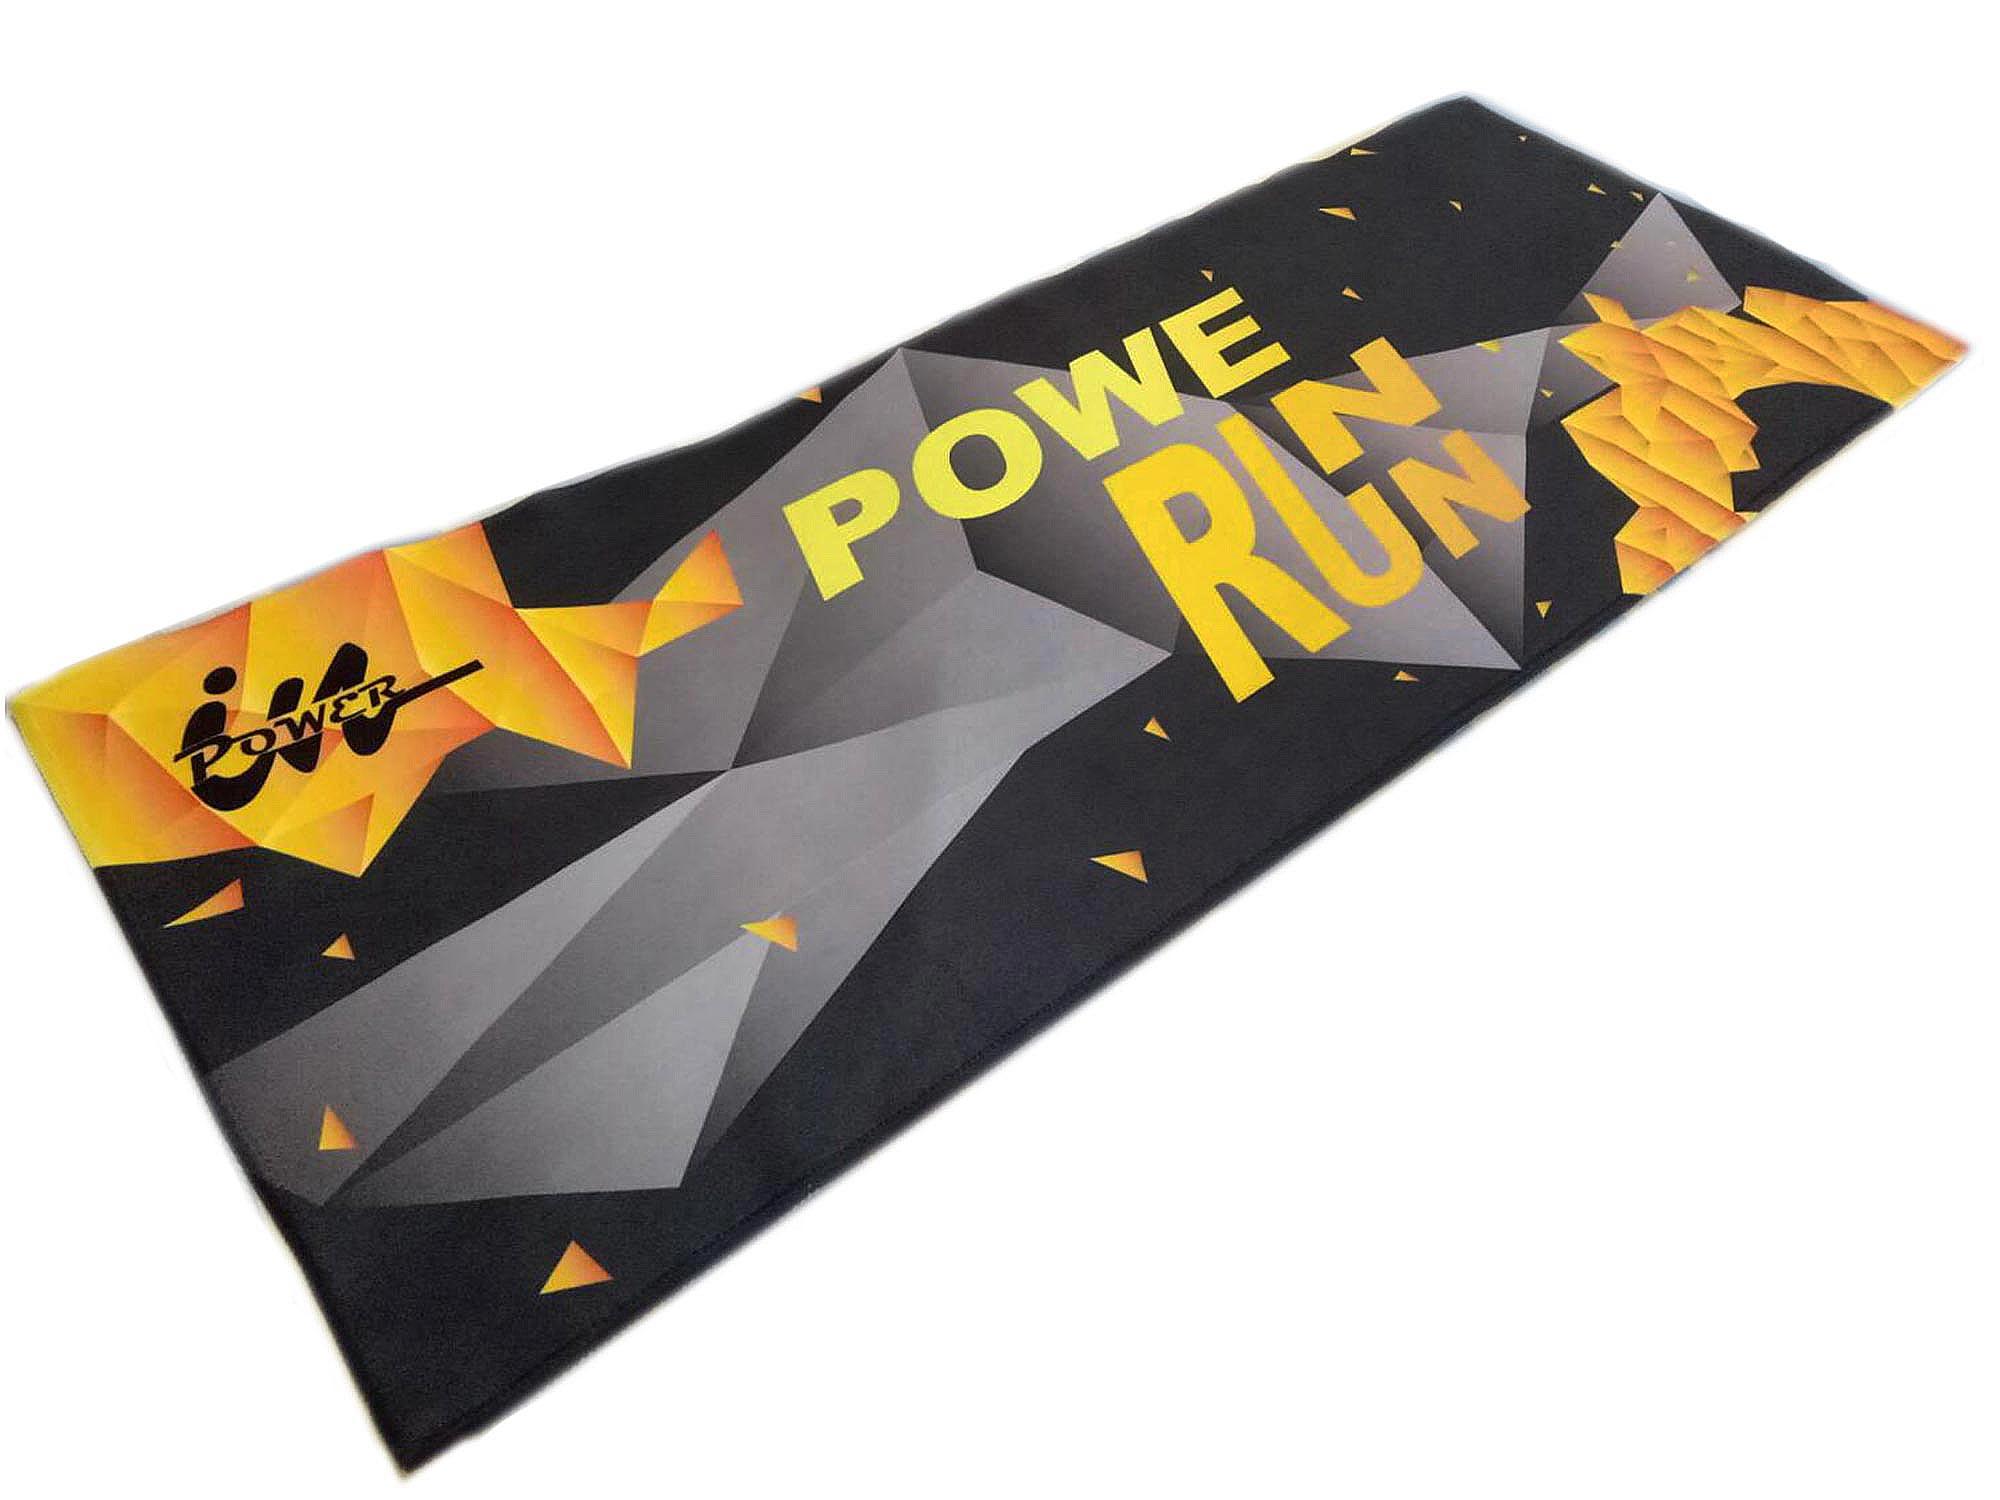 樂活報名網 - 2021 POWER IN RUN阿勃勒花季半馬-POWER IN 專利超級運動毛巾